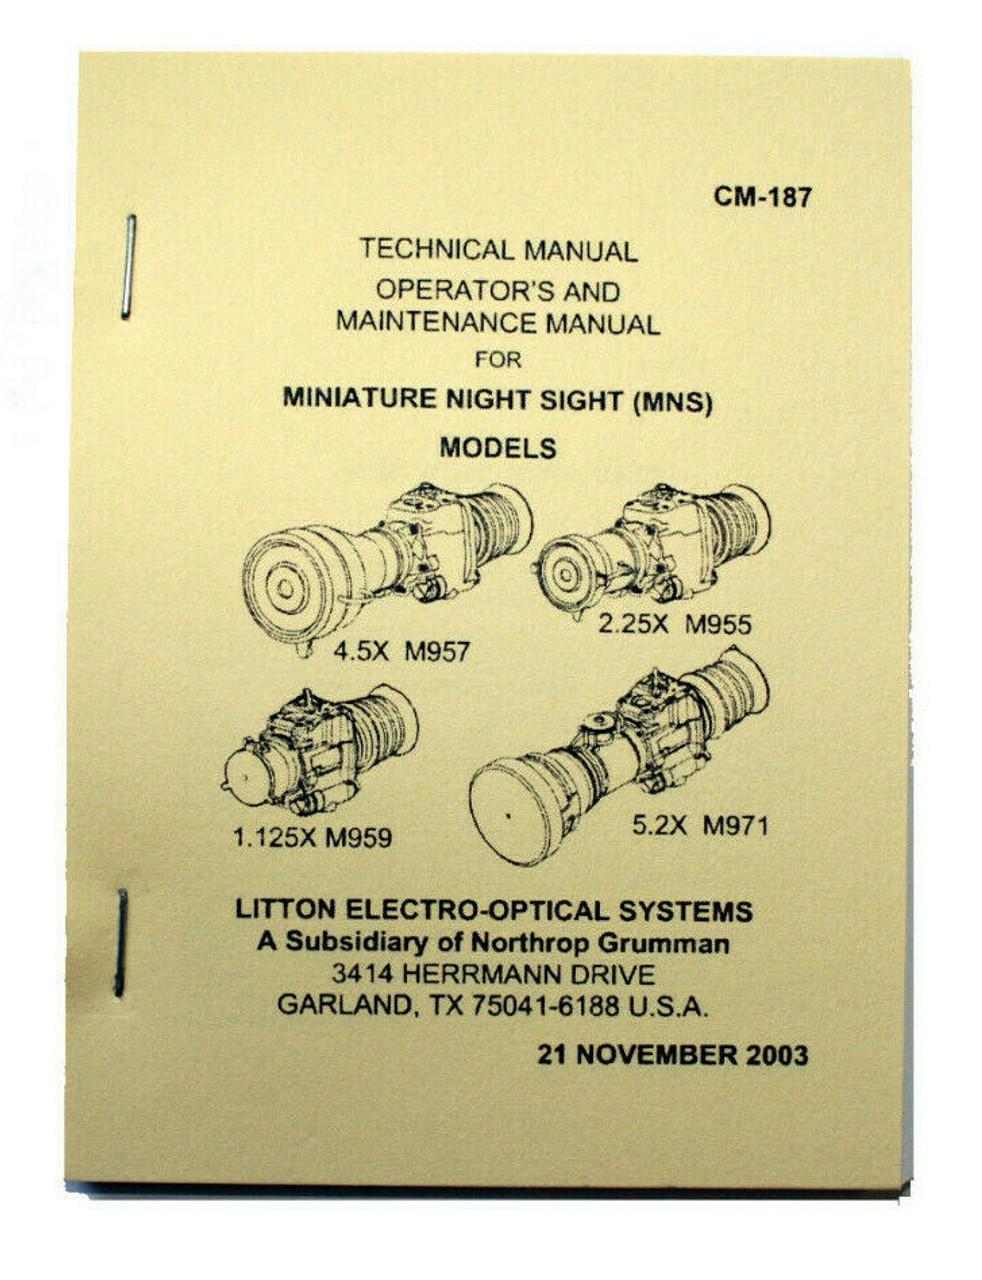 AN/PVS-17 M955 M957 M959 M971 Miniature Night Sight (MNS) Manual by L-3/Litton